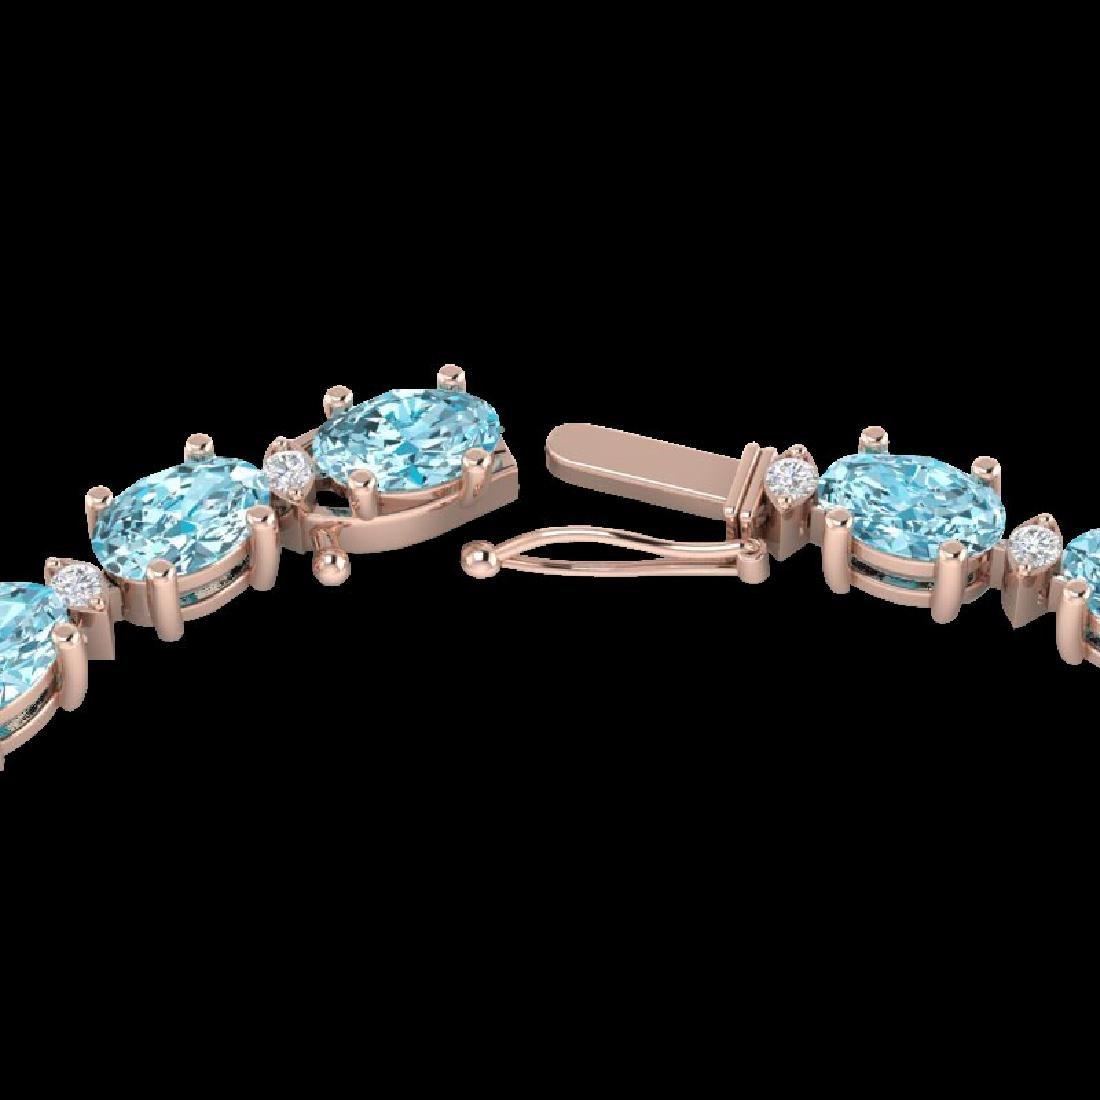 61.85 CTW Sky Blue Topaz & VS/SI Certified Diamond